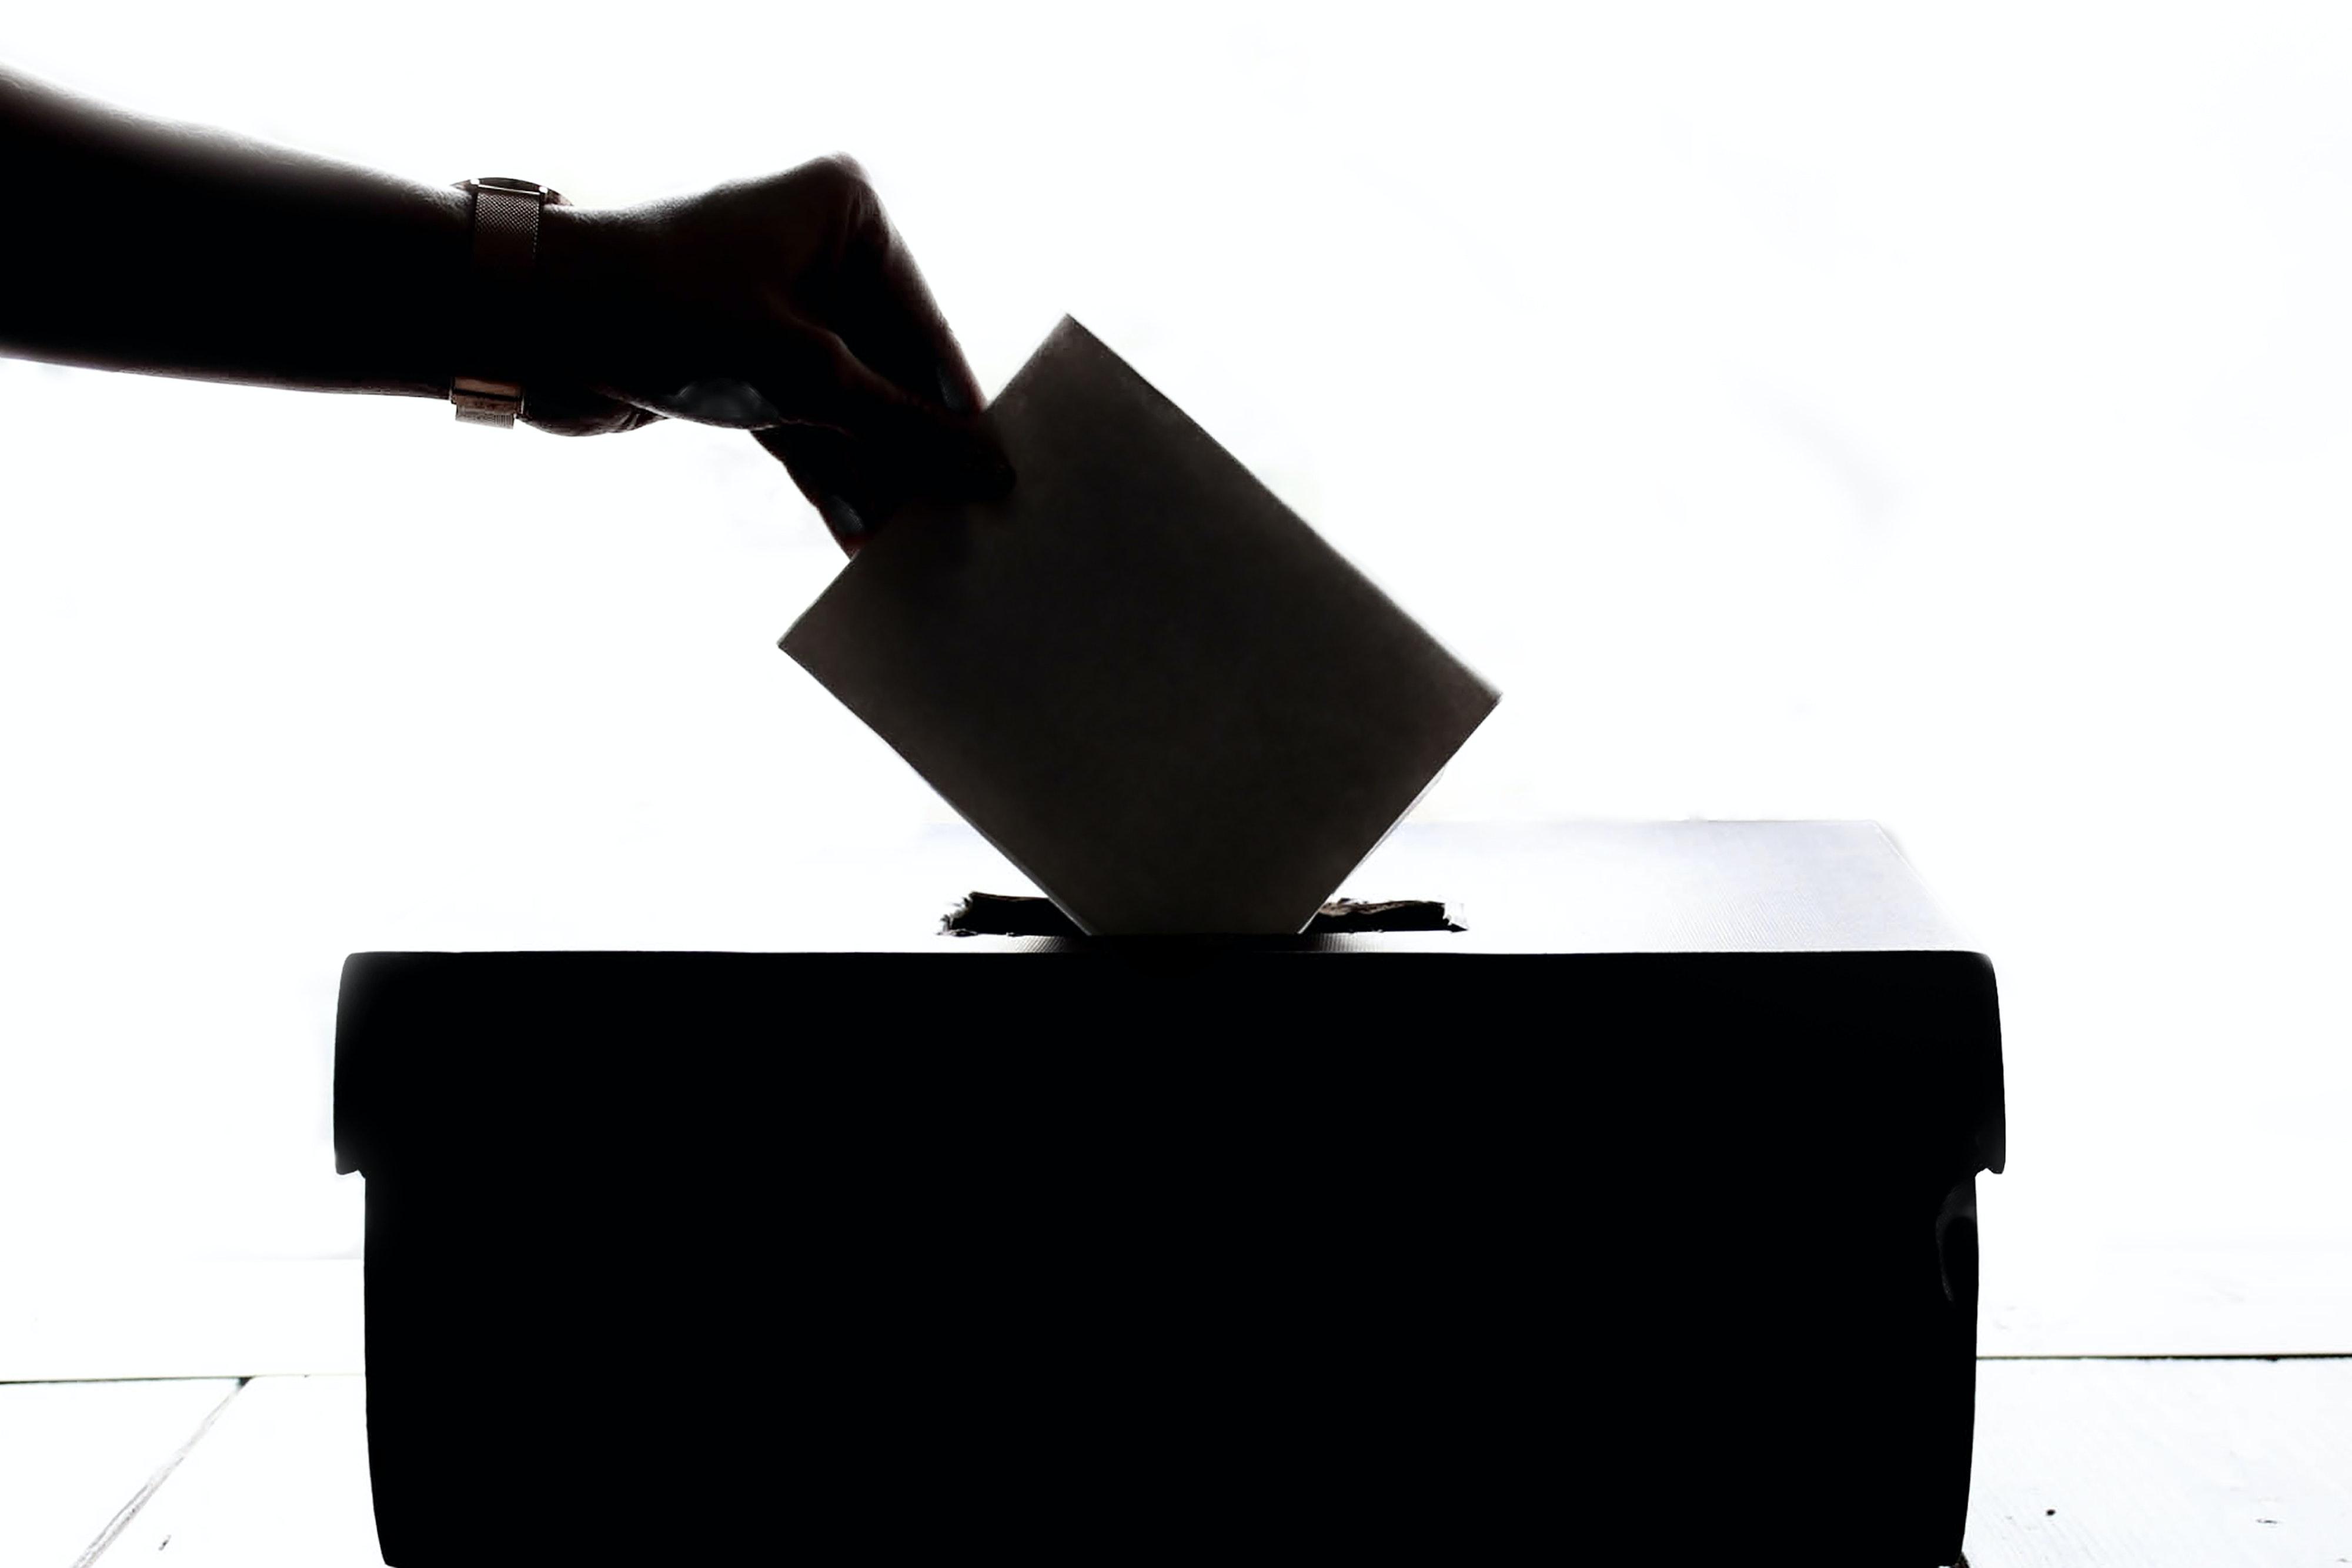 głosowanie urna wyborcza - Pexels